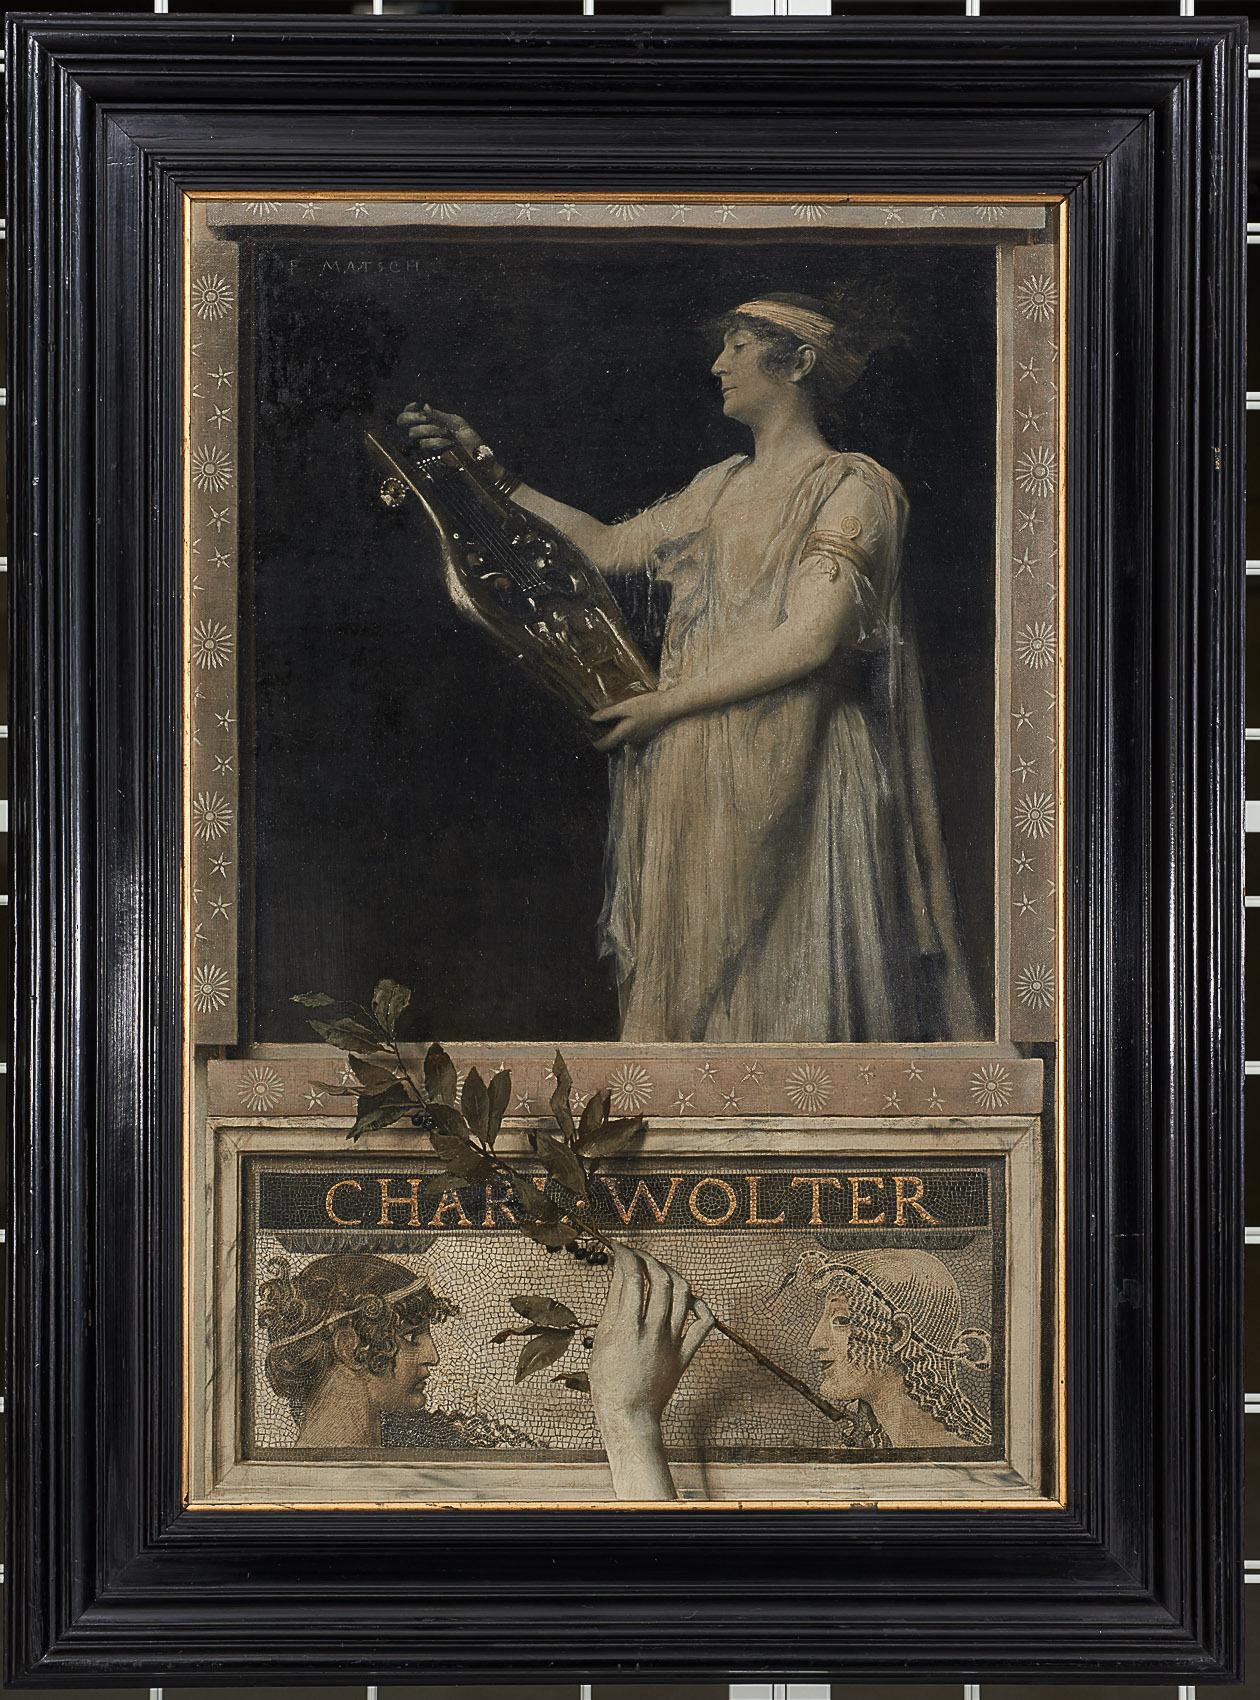 Charlotte Wolter als Sappho von Franz von Matsch